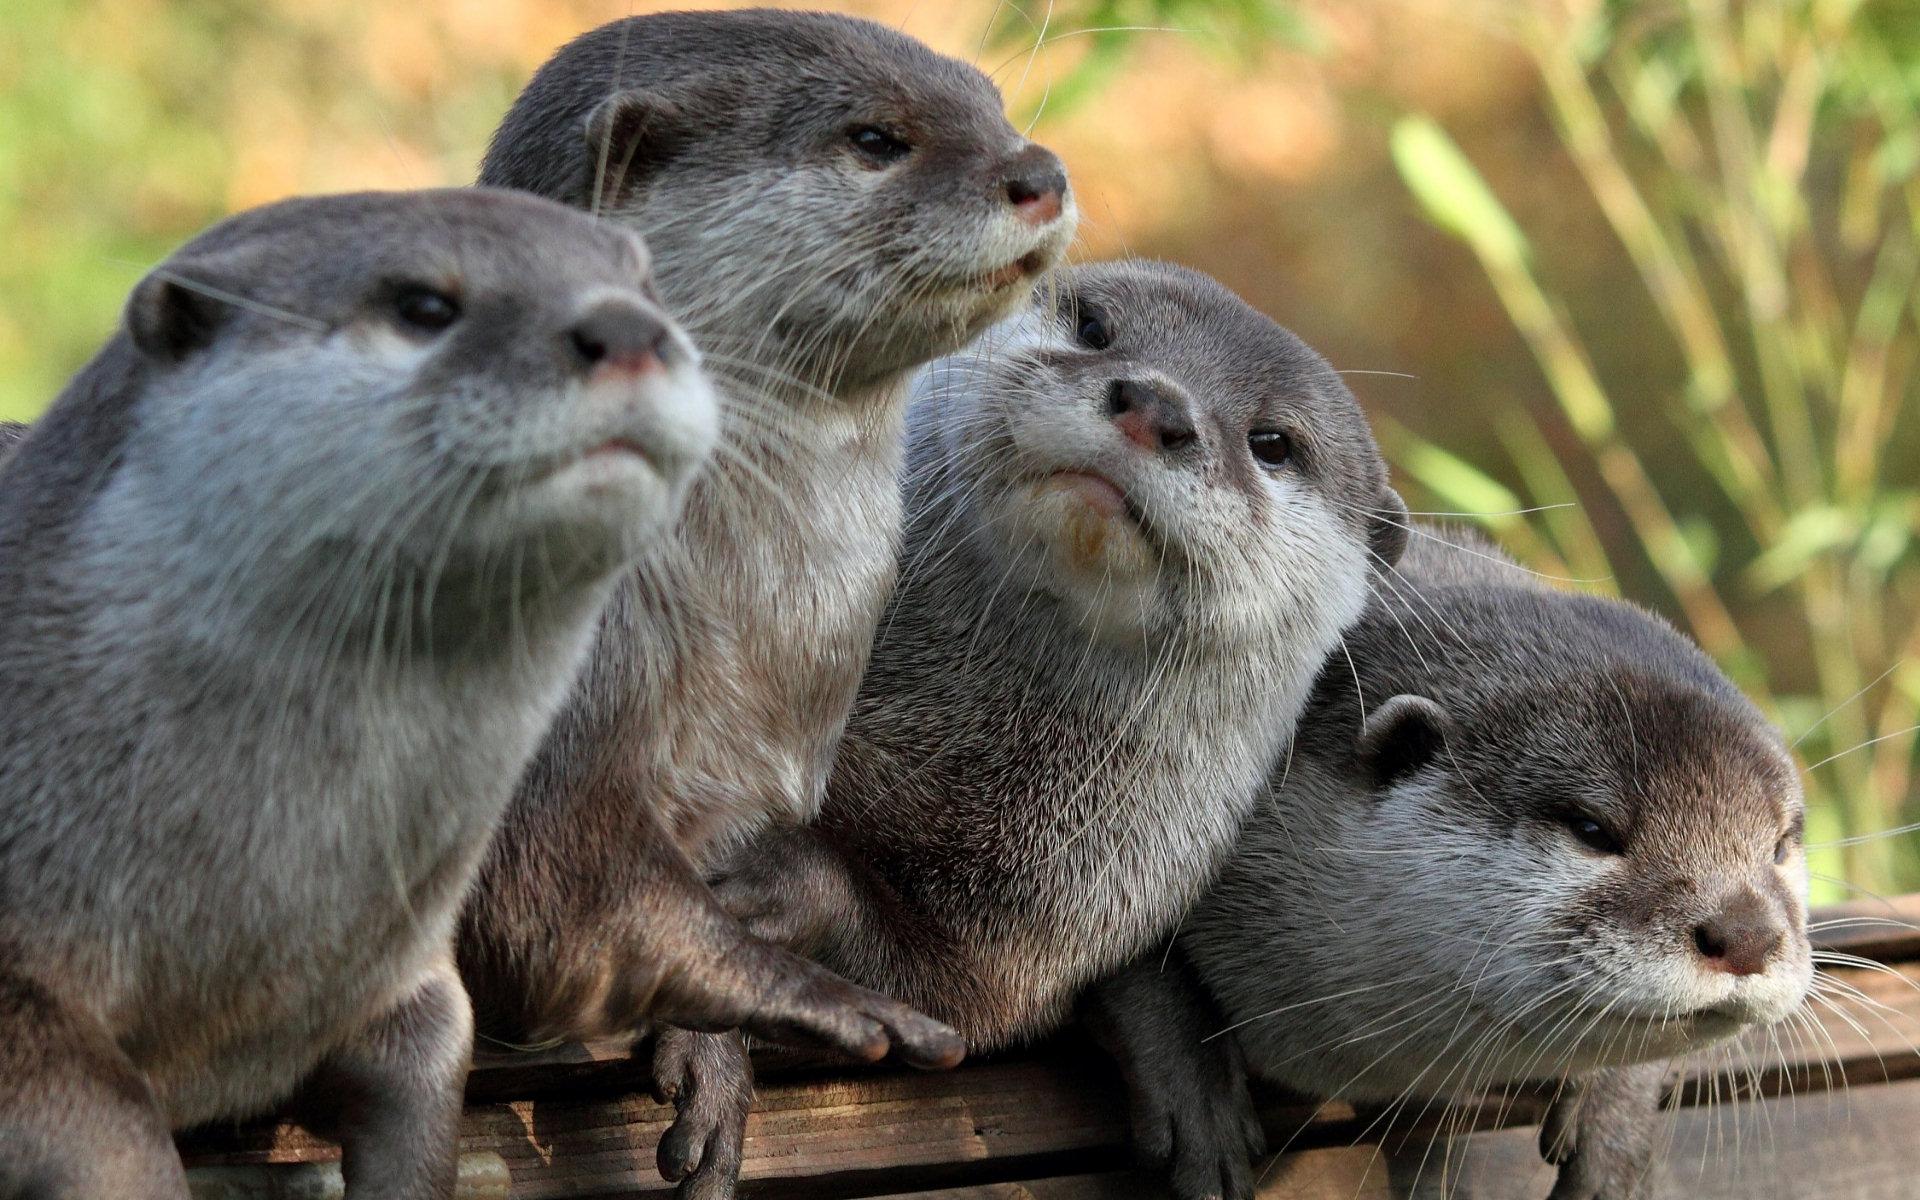 Cute Otter Wallpaper · Otter Wallpaper ...